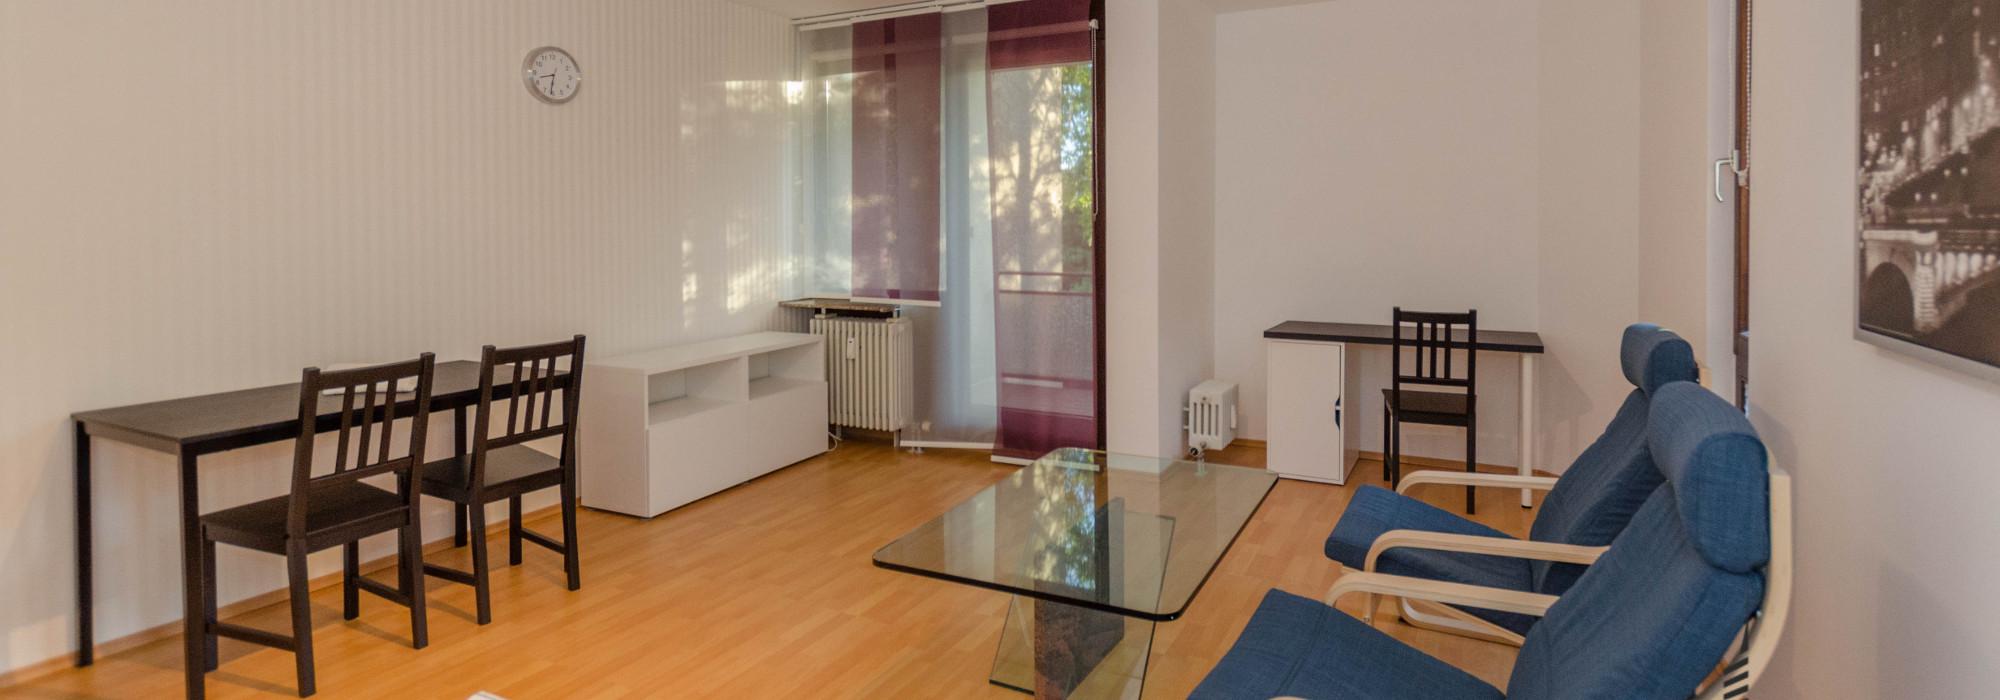 Geräumige 1-Zi. Wohnung im 1. OG mit Balkon